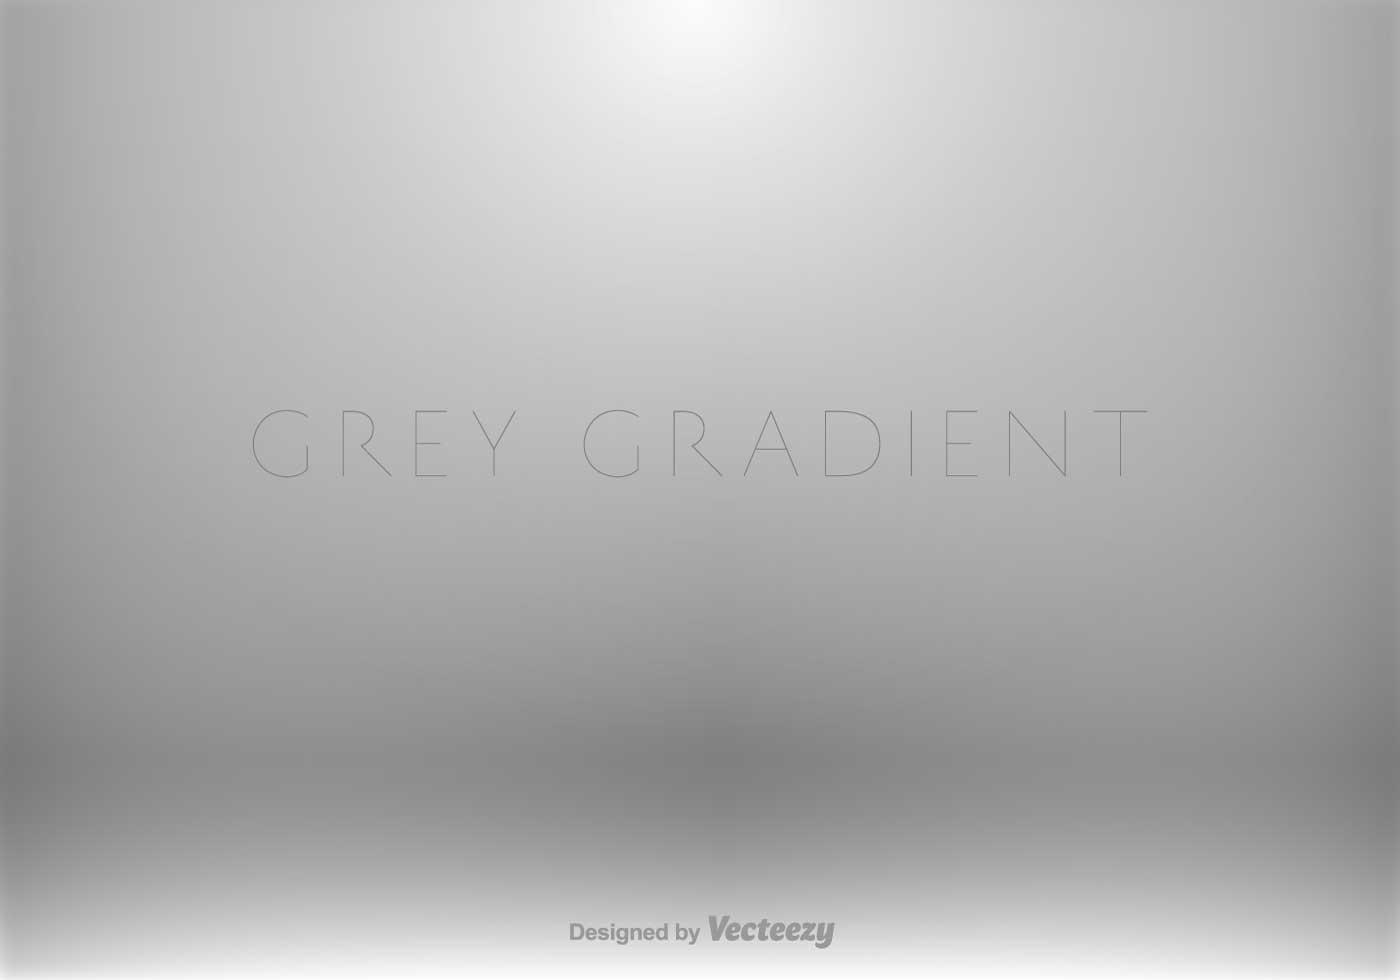 grey gradient free vector art 1953 free downloads